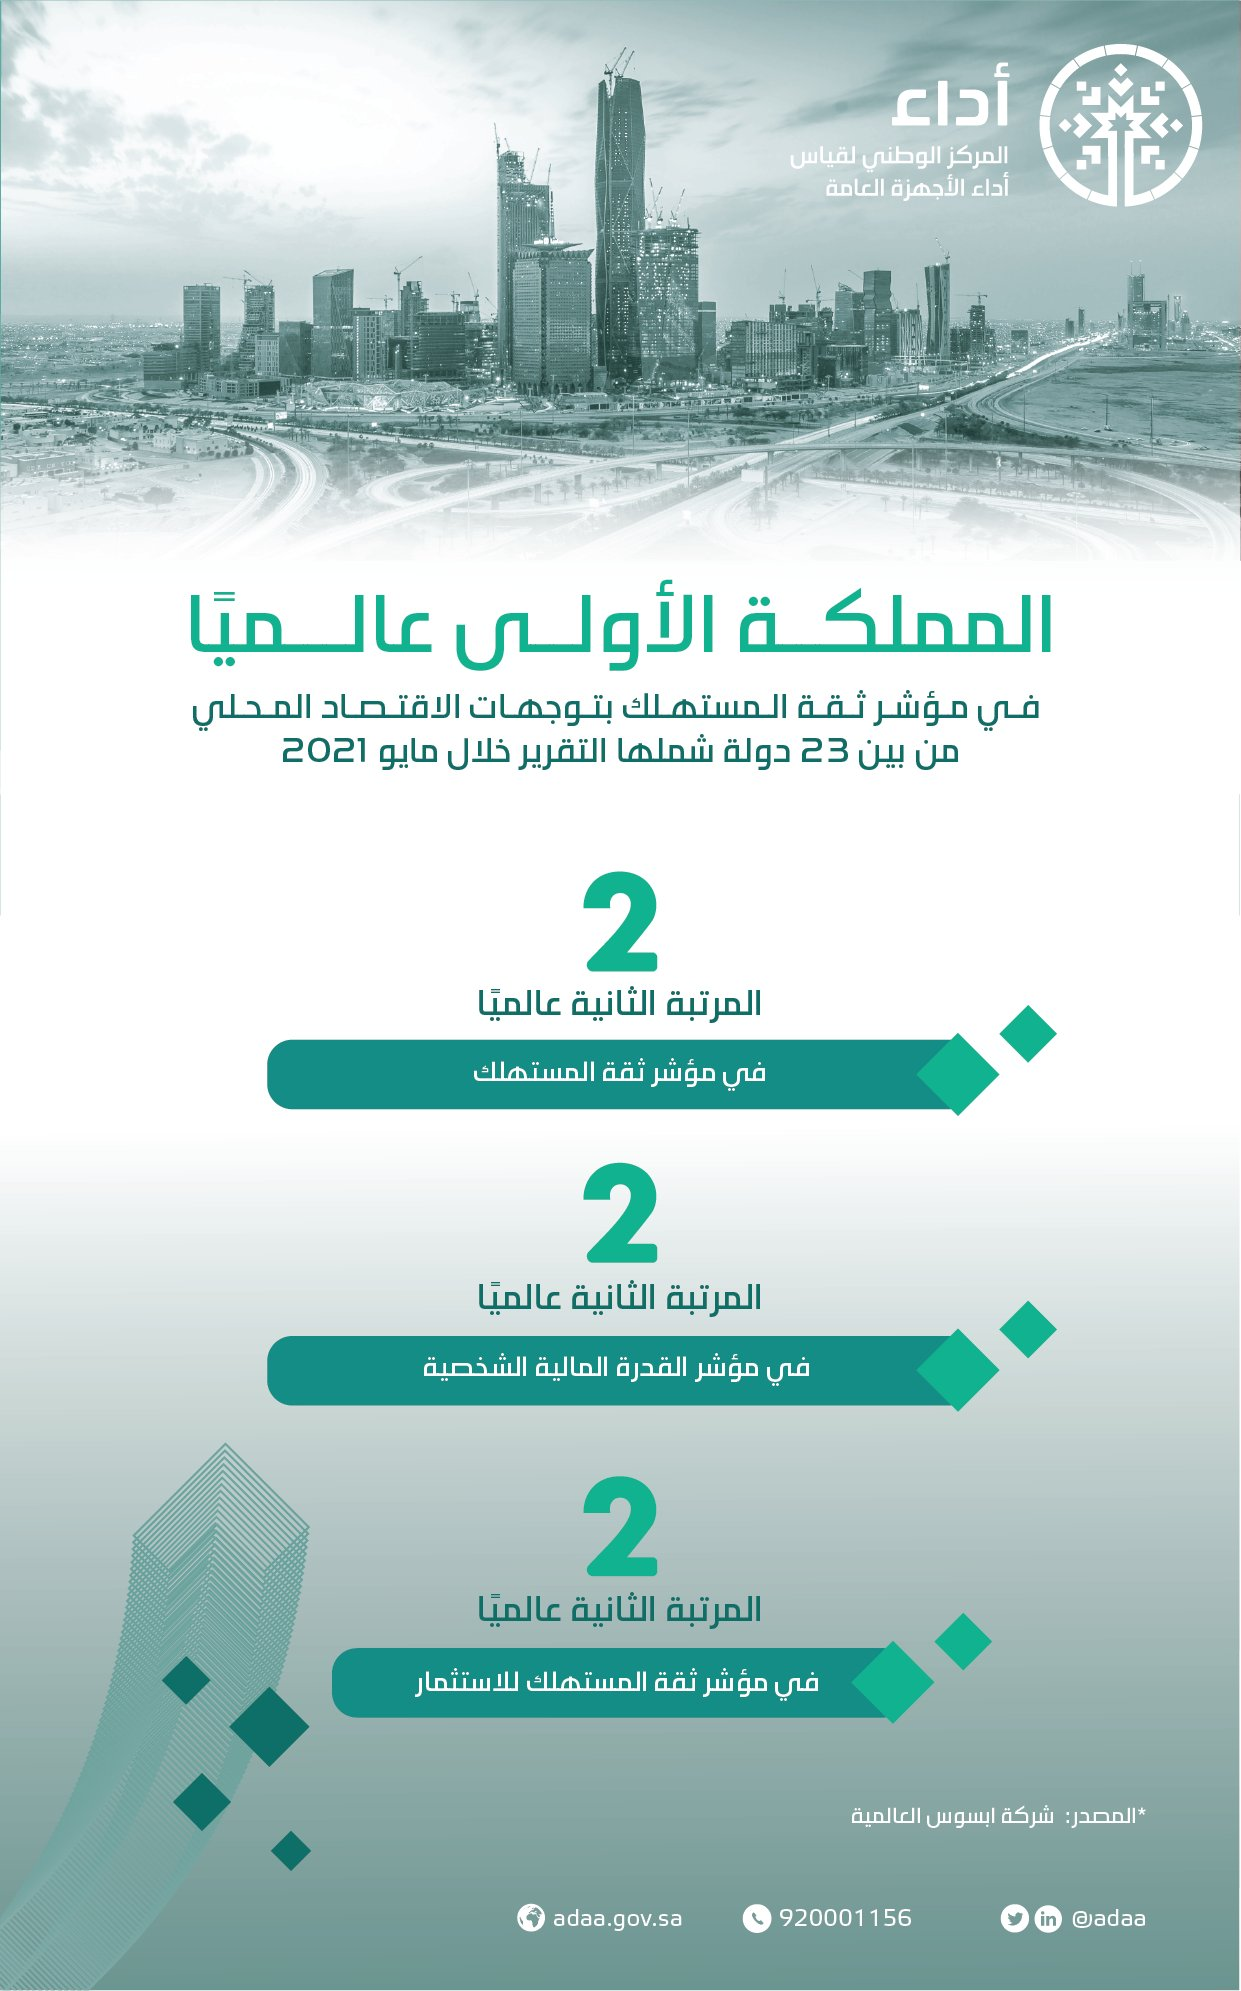 السعودية الثانية عالميًا في مؤشرات ثقة المستهلك والقدرة المالية الشخصية - المواطن